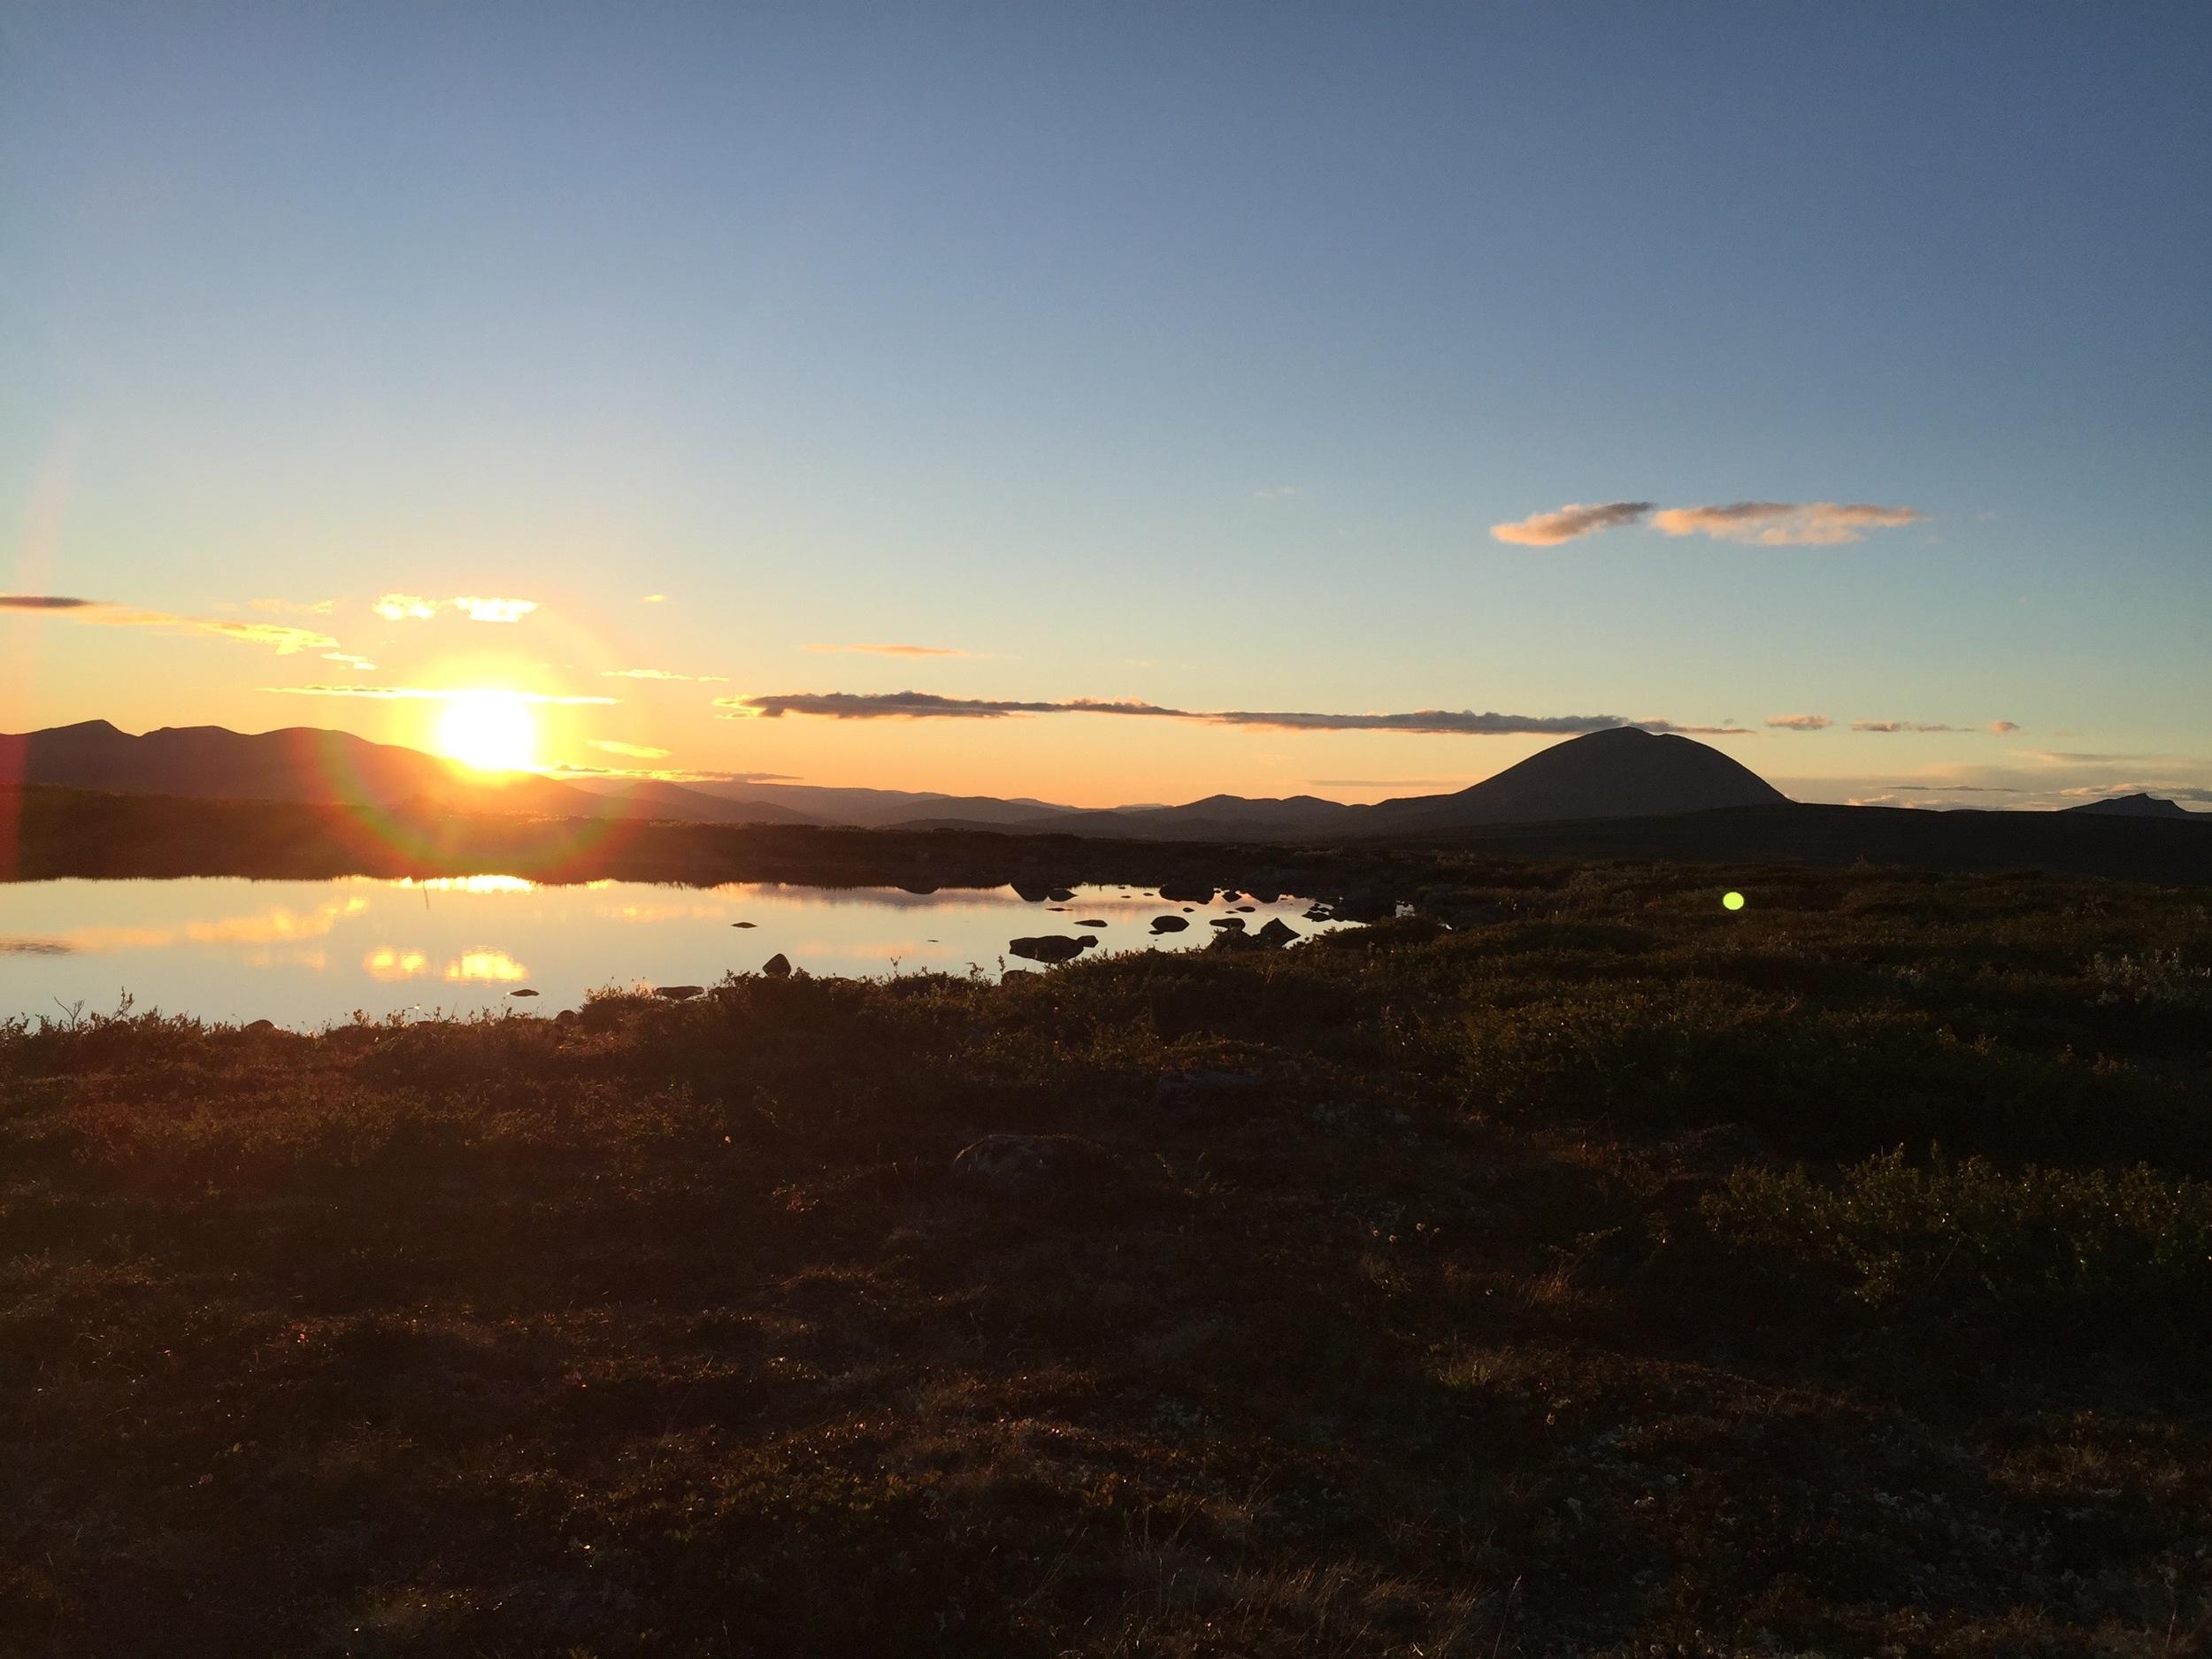 Solnedgang på Skardfjellet, den kvelden vi var på natt-tur og leste Harry Potter utenfor teltet